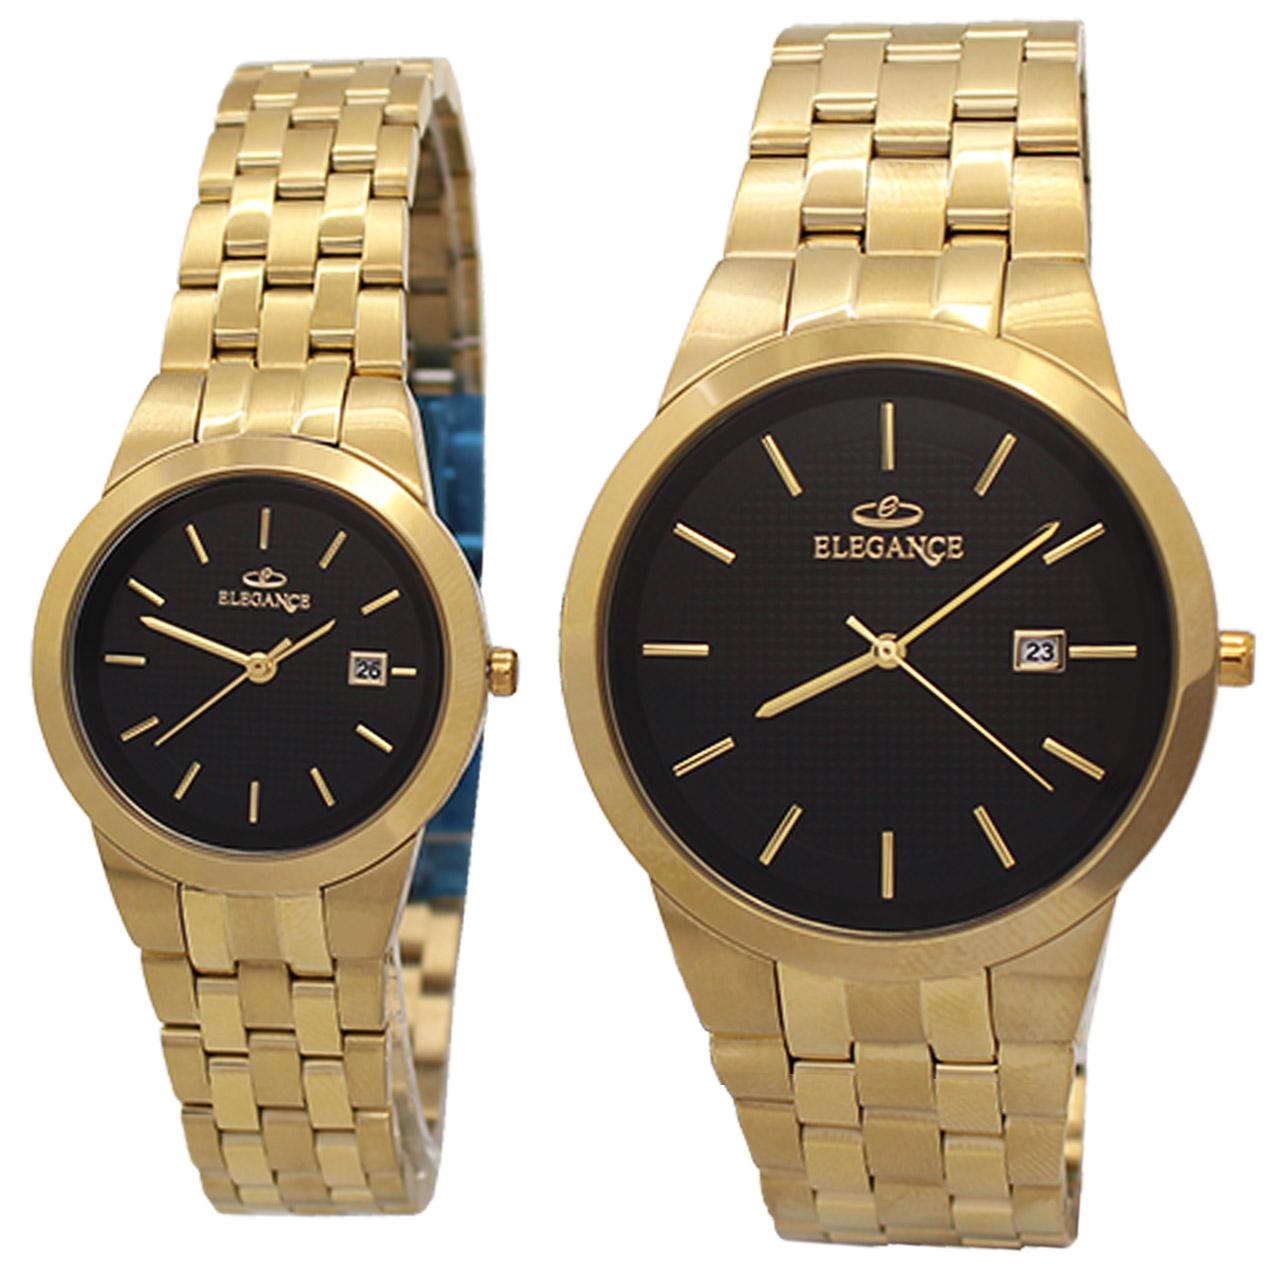 ساعت ست مردانه و زنانه الگانس مدل R1162G کد SU-0008